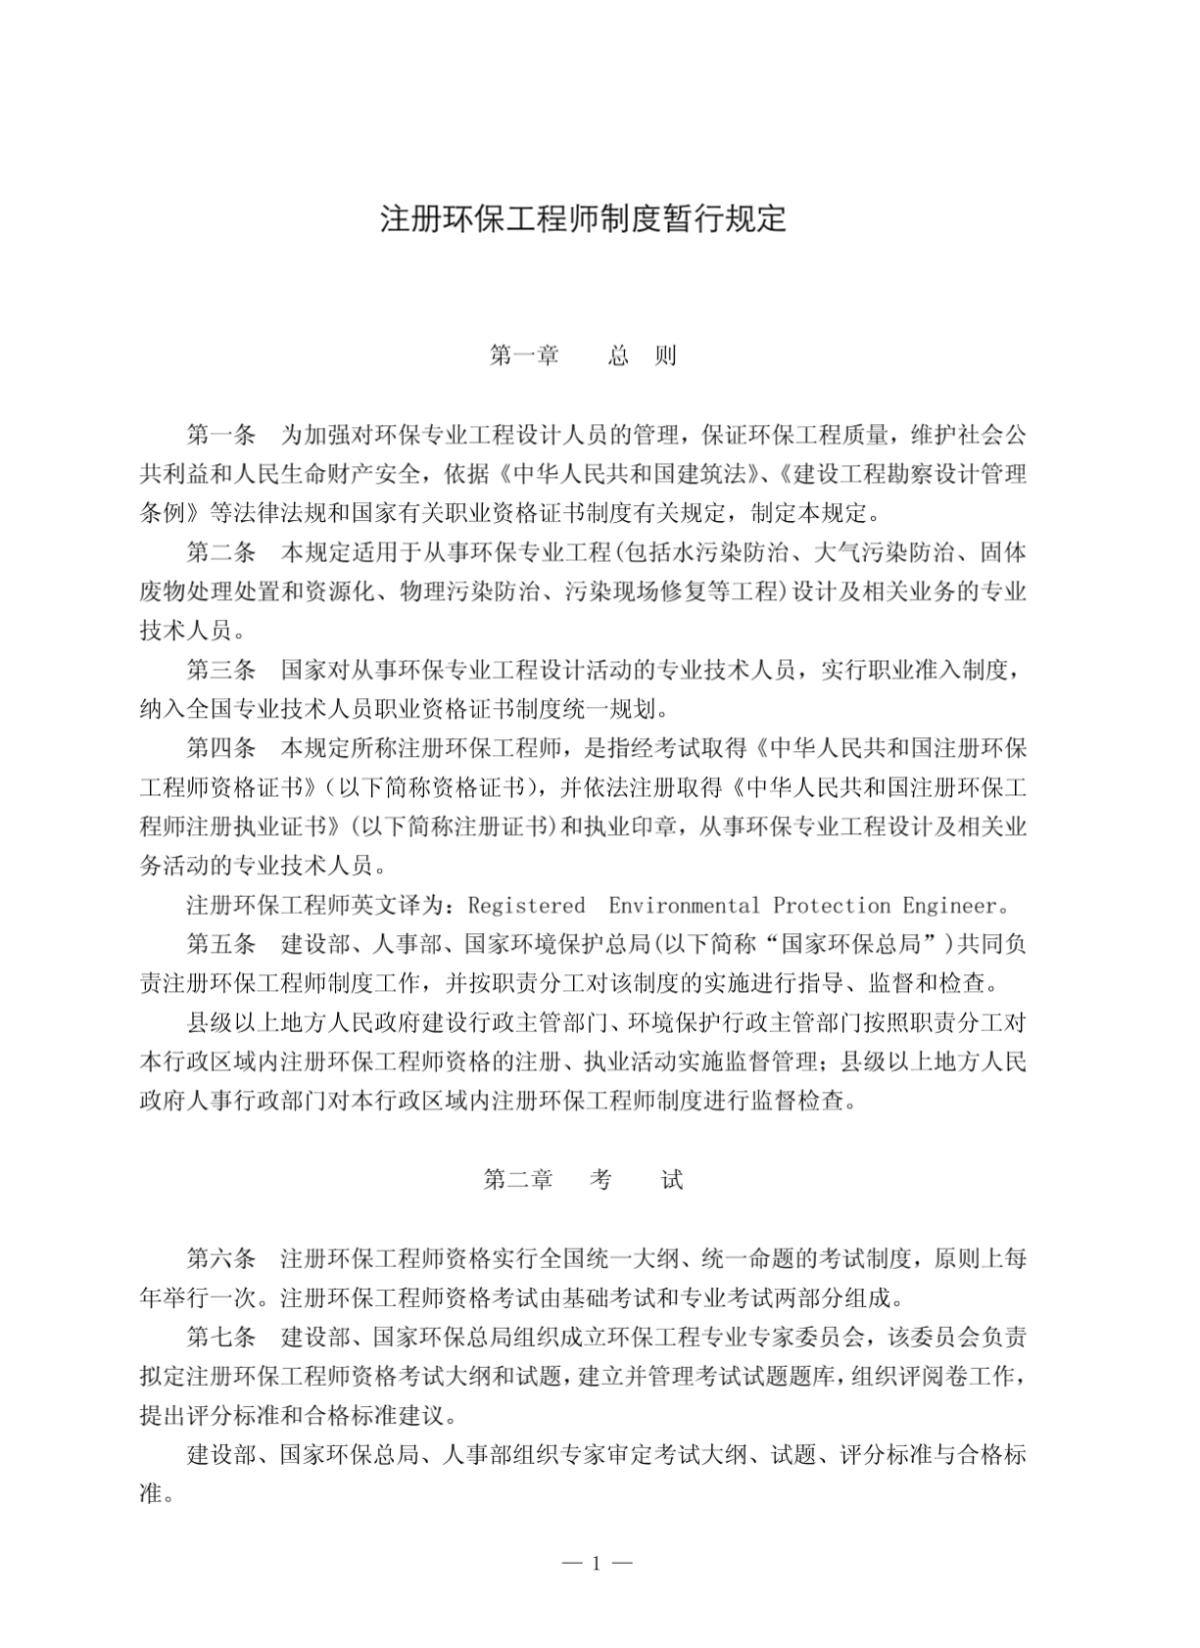 关于印发注册环保工程师制度暂行规定-图二